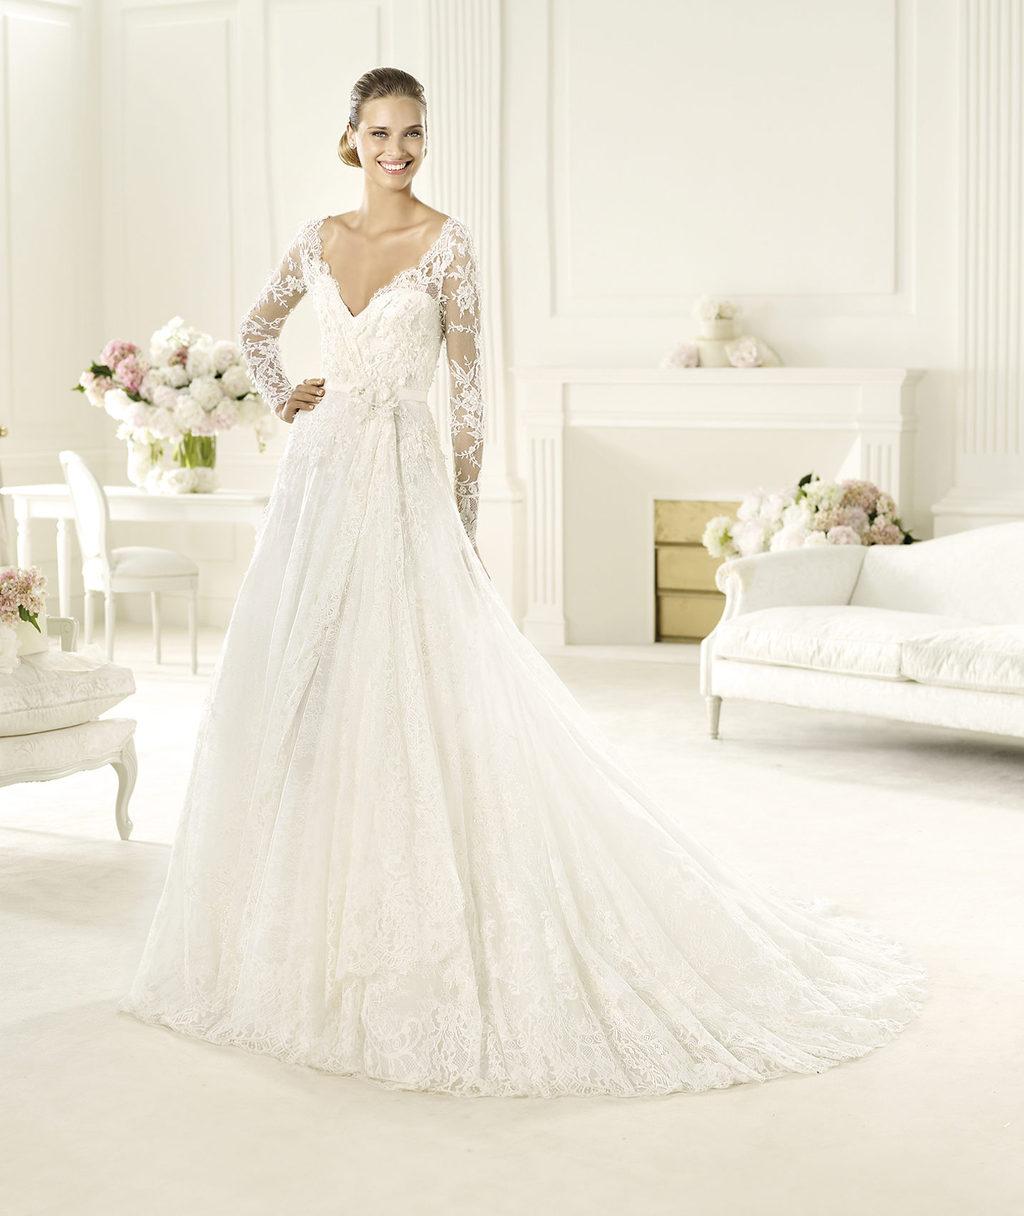 elie saab wedding dress pronovias bridal birgit elie saab wedding dress Elie Saab Wedding Dress Pronovias Bridal Birgit